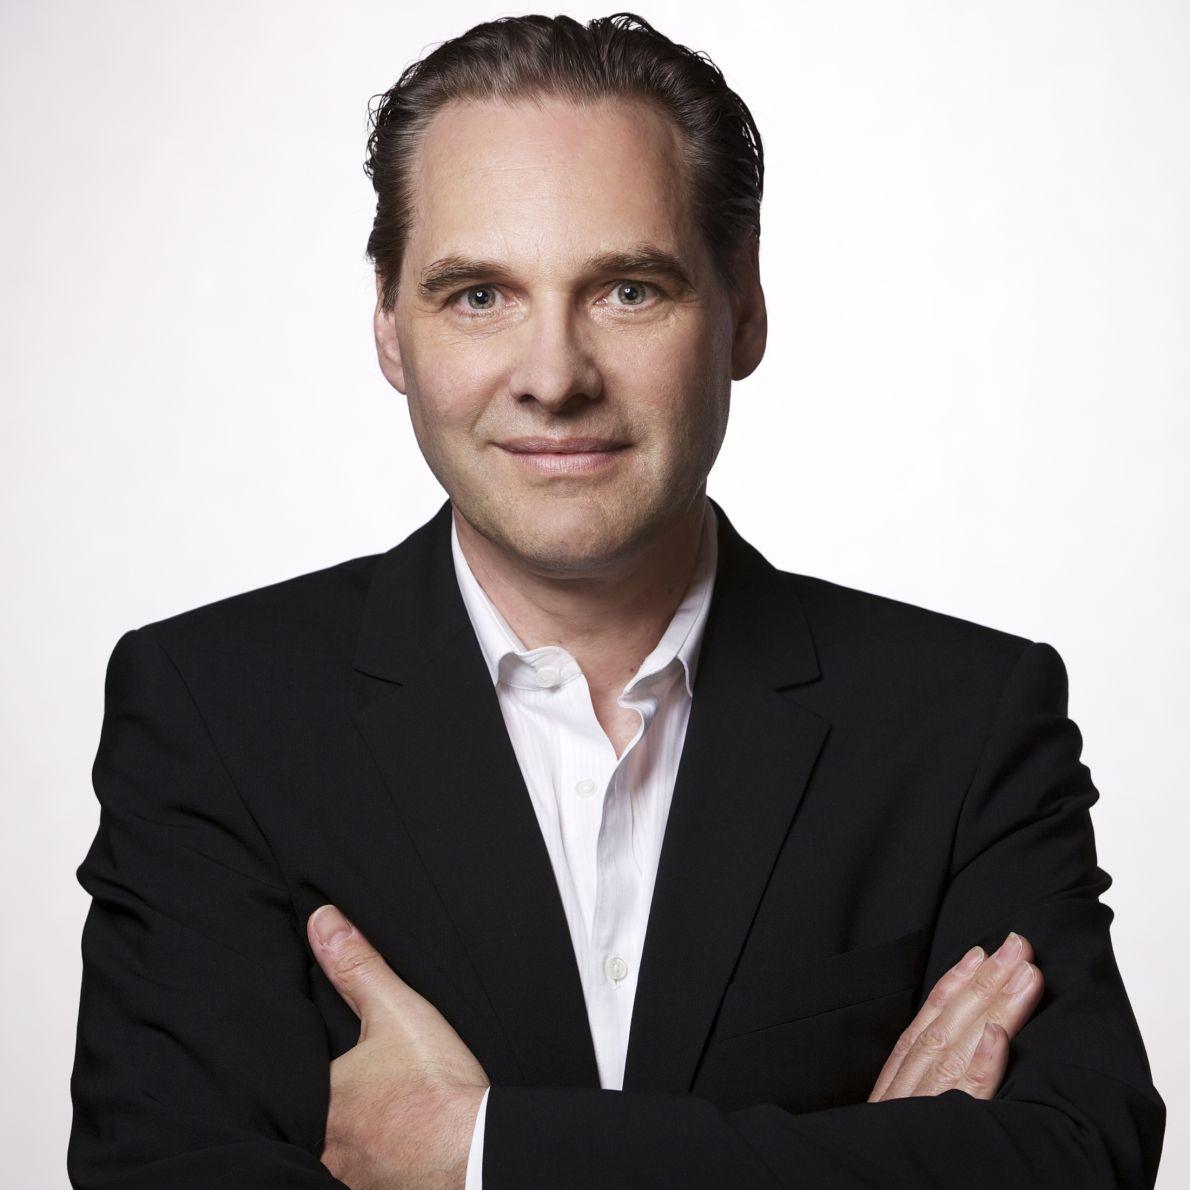 Michael Reichenecker